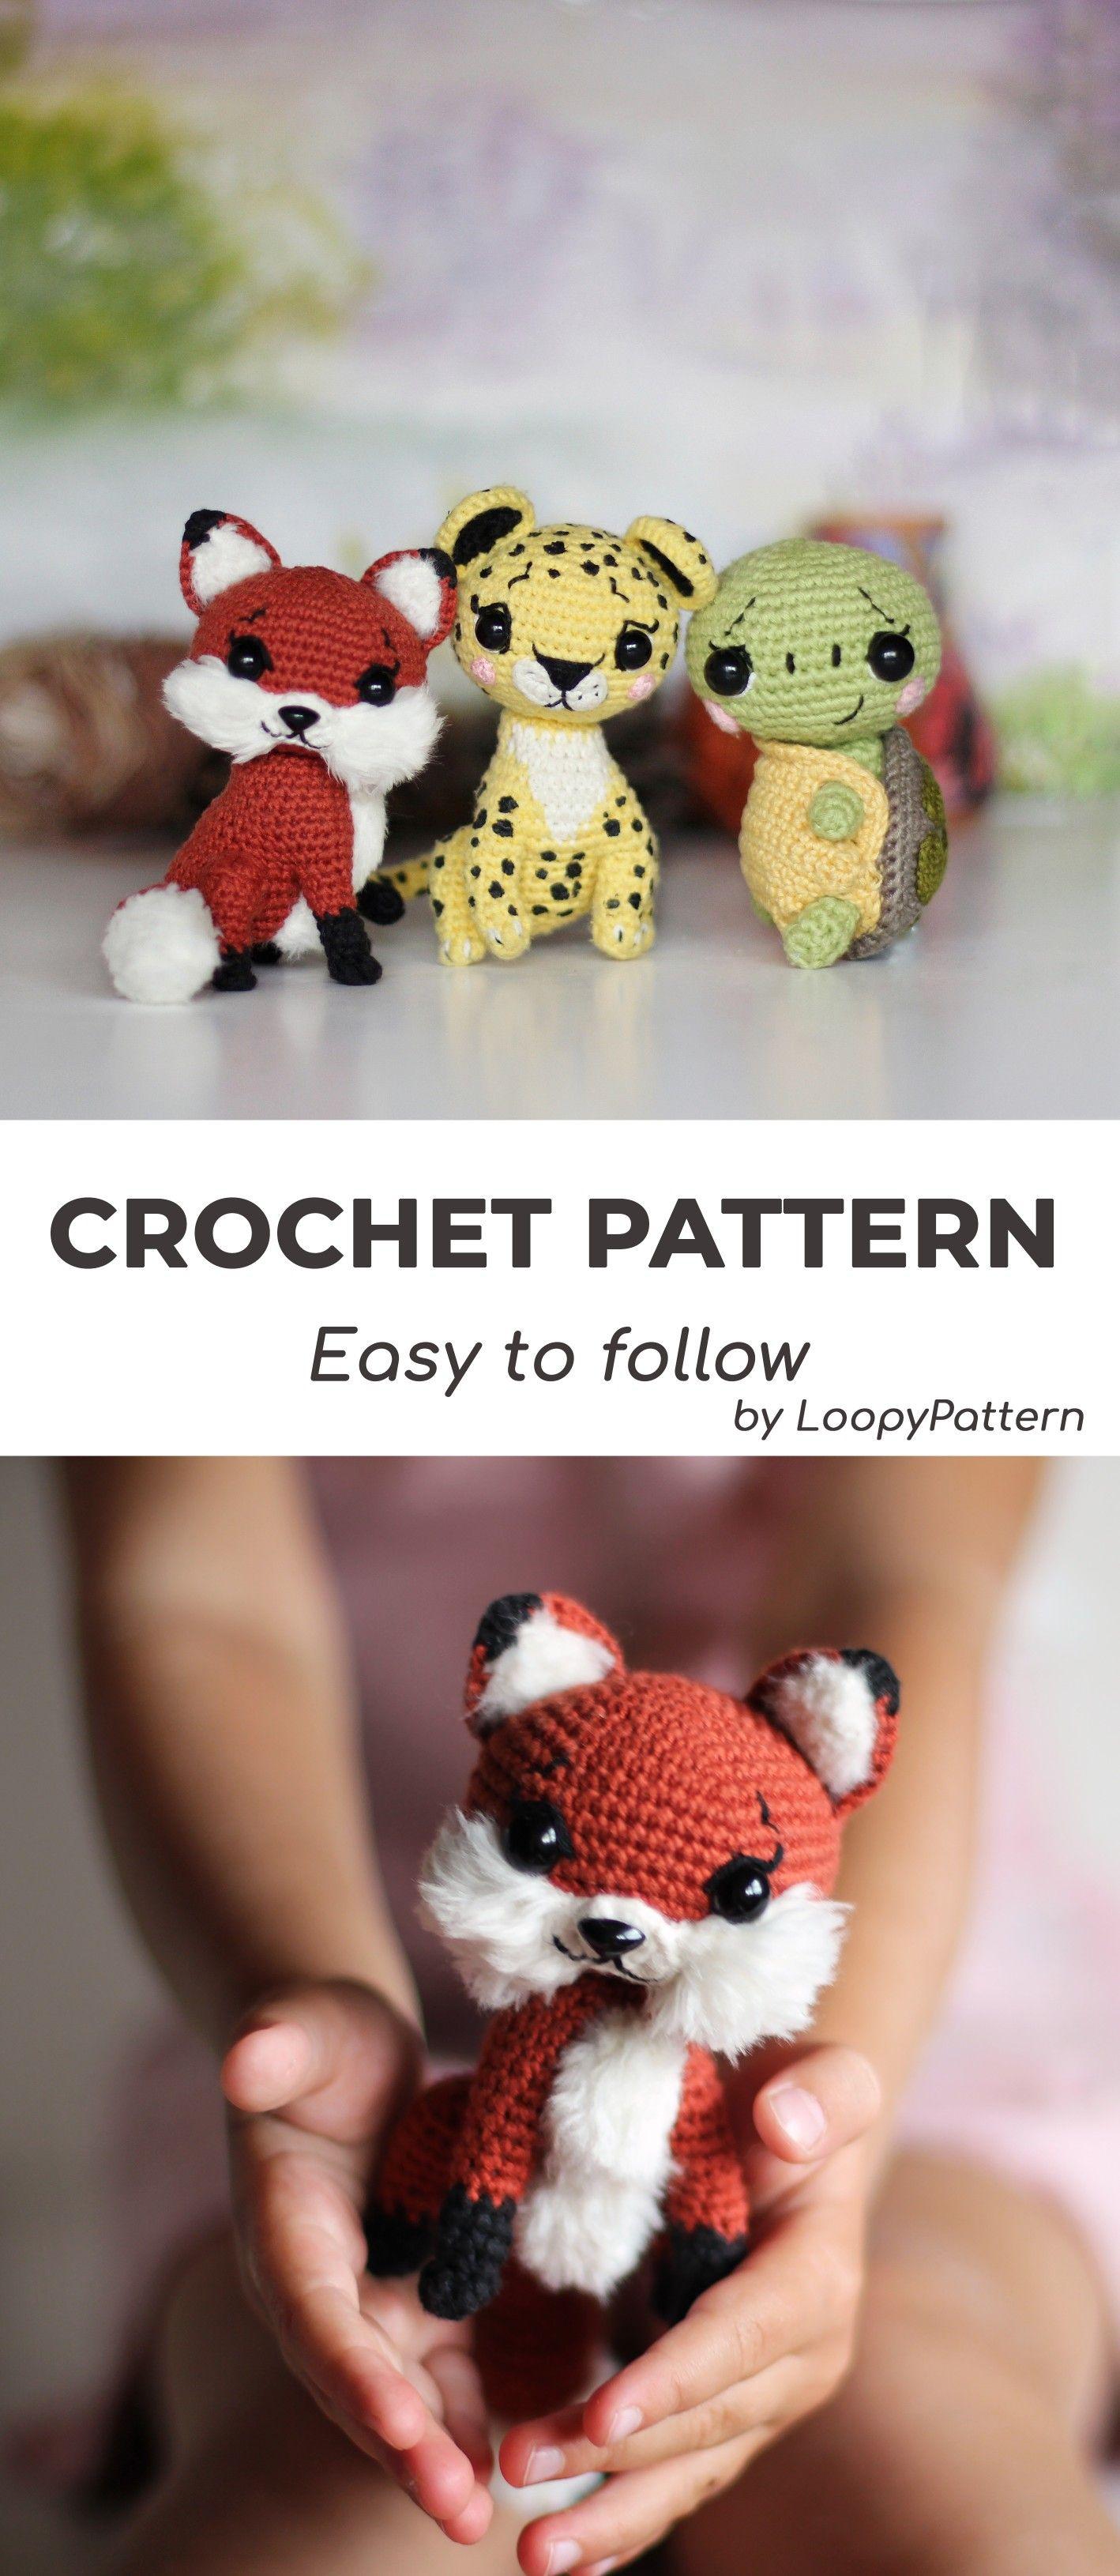 AMIGURUMI pattern crochet toys by LoopyPattern #crochetturtles